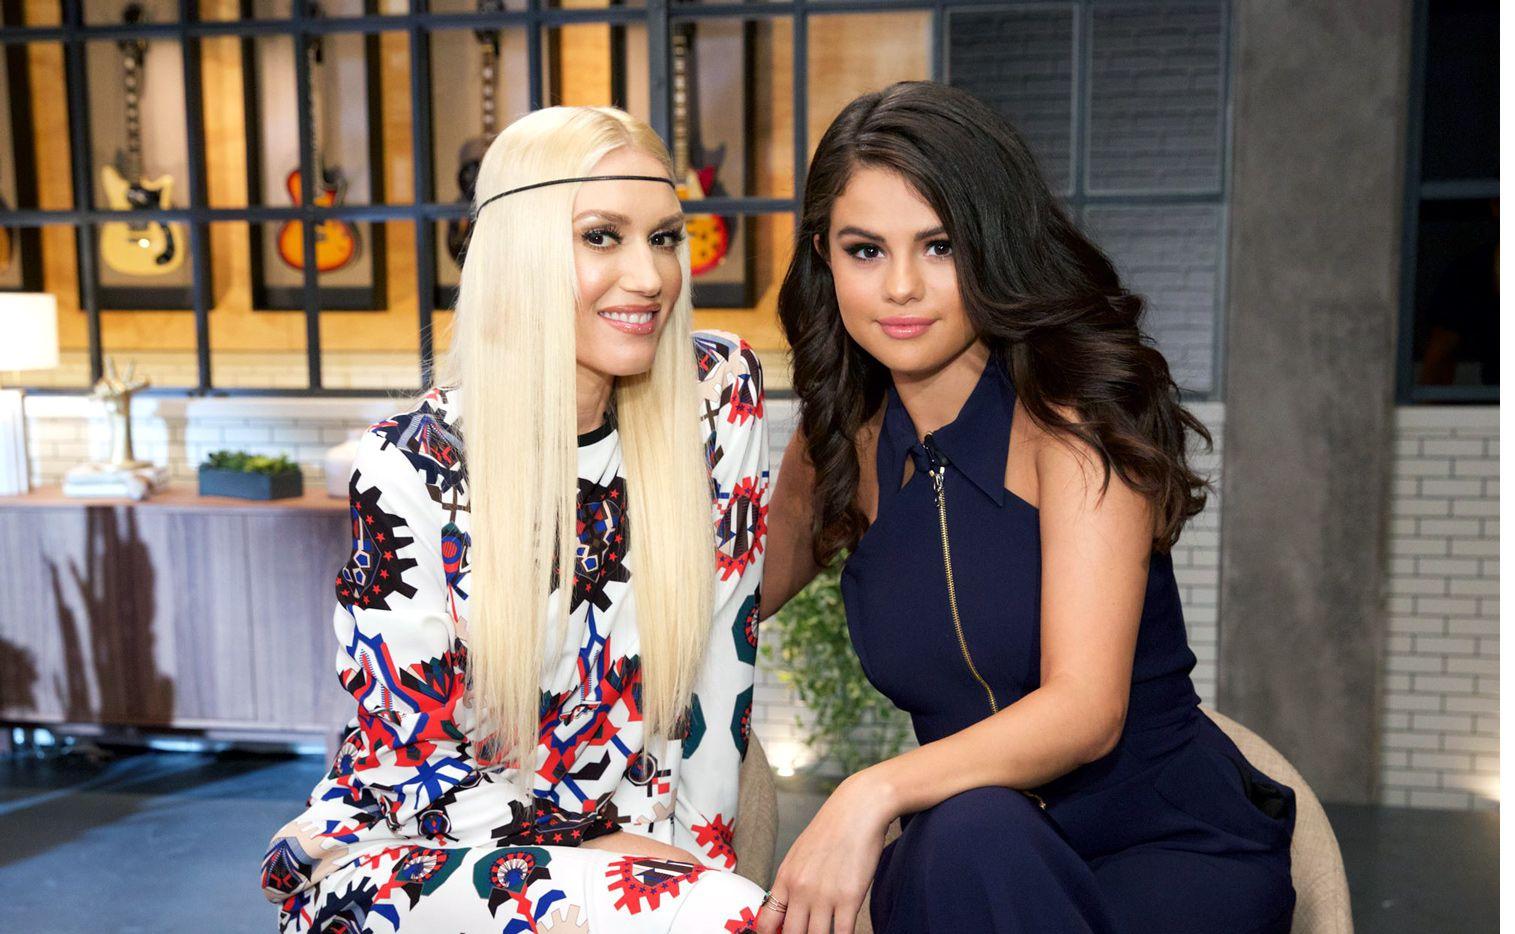 La cantante Selena Gomez (der.) anunció a sus fans en septiembre pasado que, debido a complicaciones del lupus que padece, tuvo que recibir la donación de un riñón, el cual le proporcionó su mejor amiga, Raisa, durante el verano. / AGENCIA REFORMA